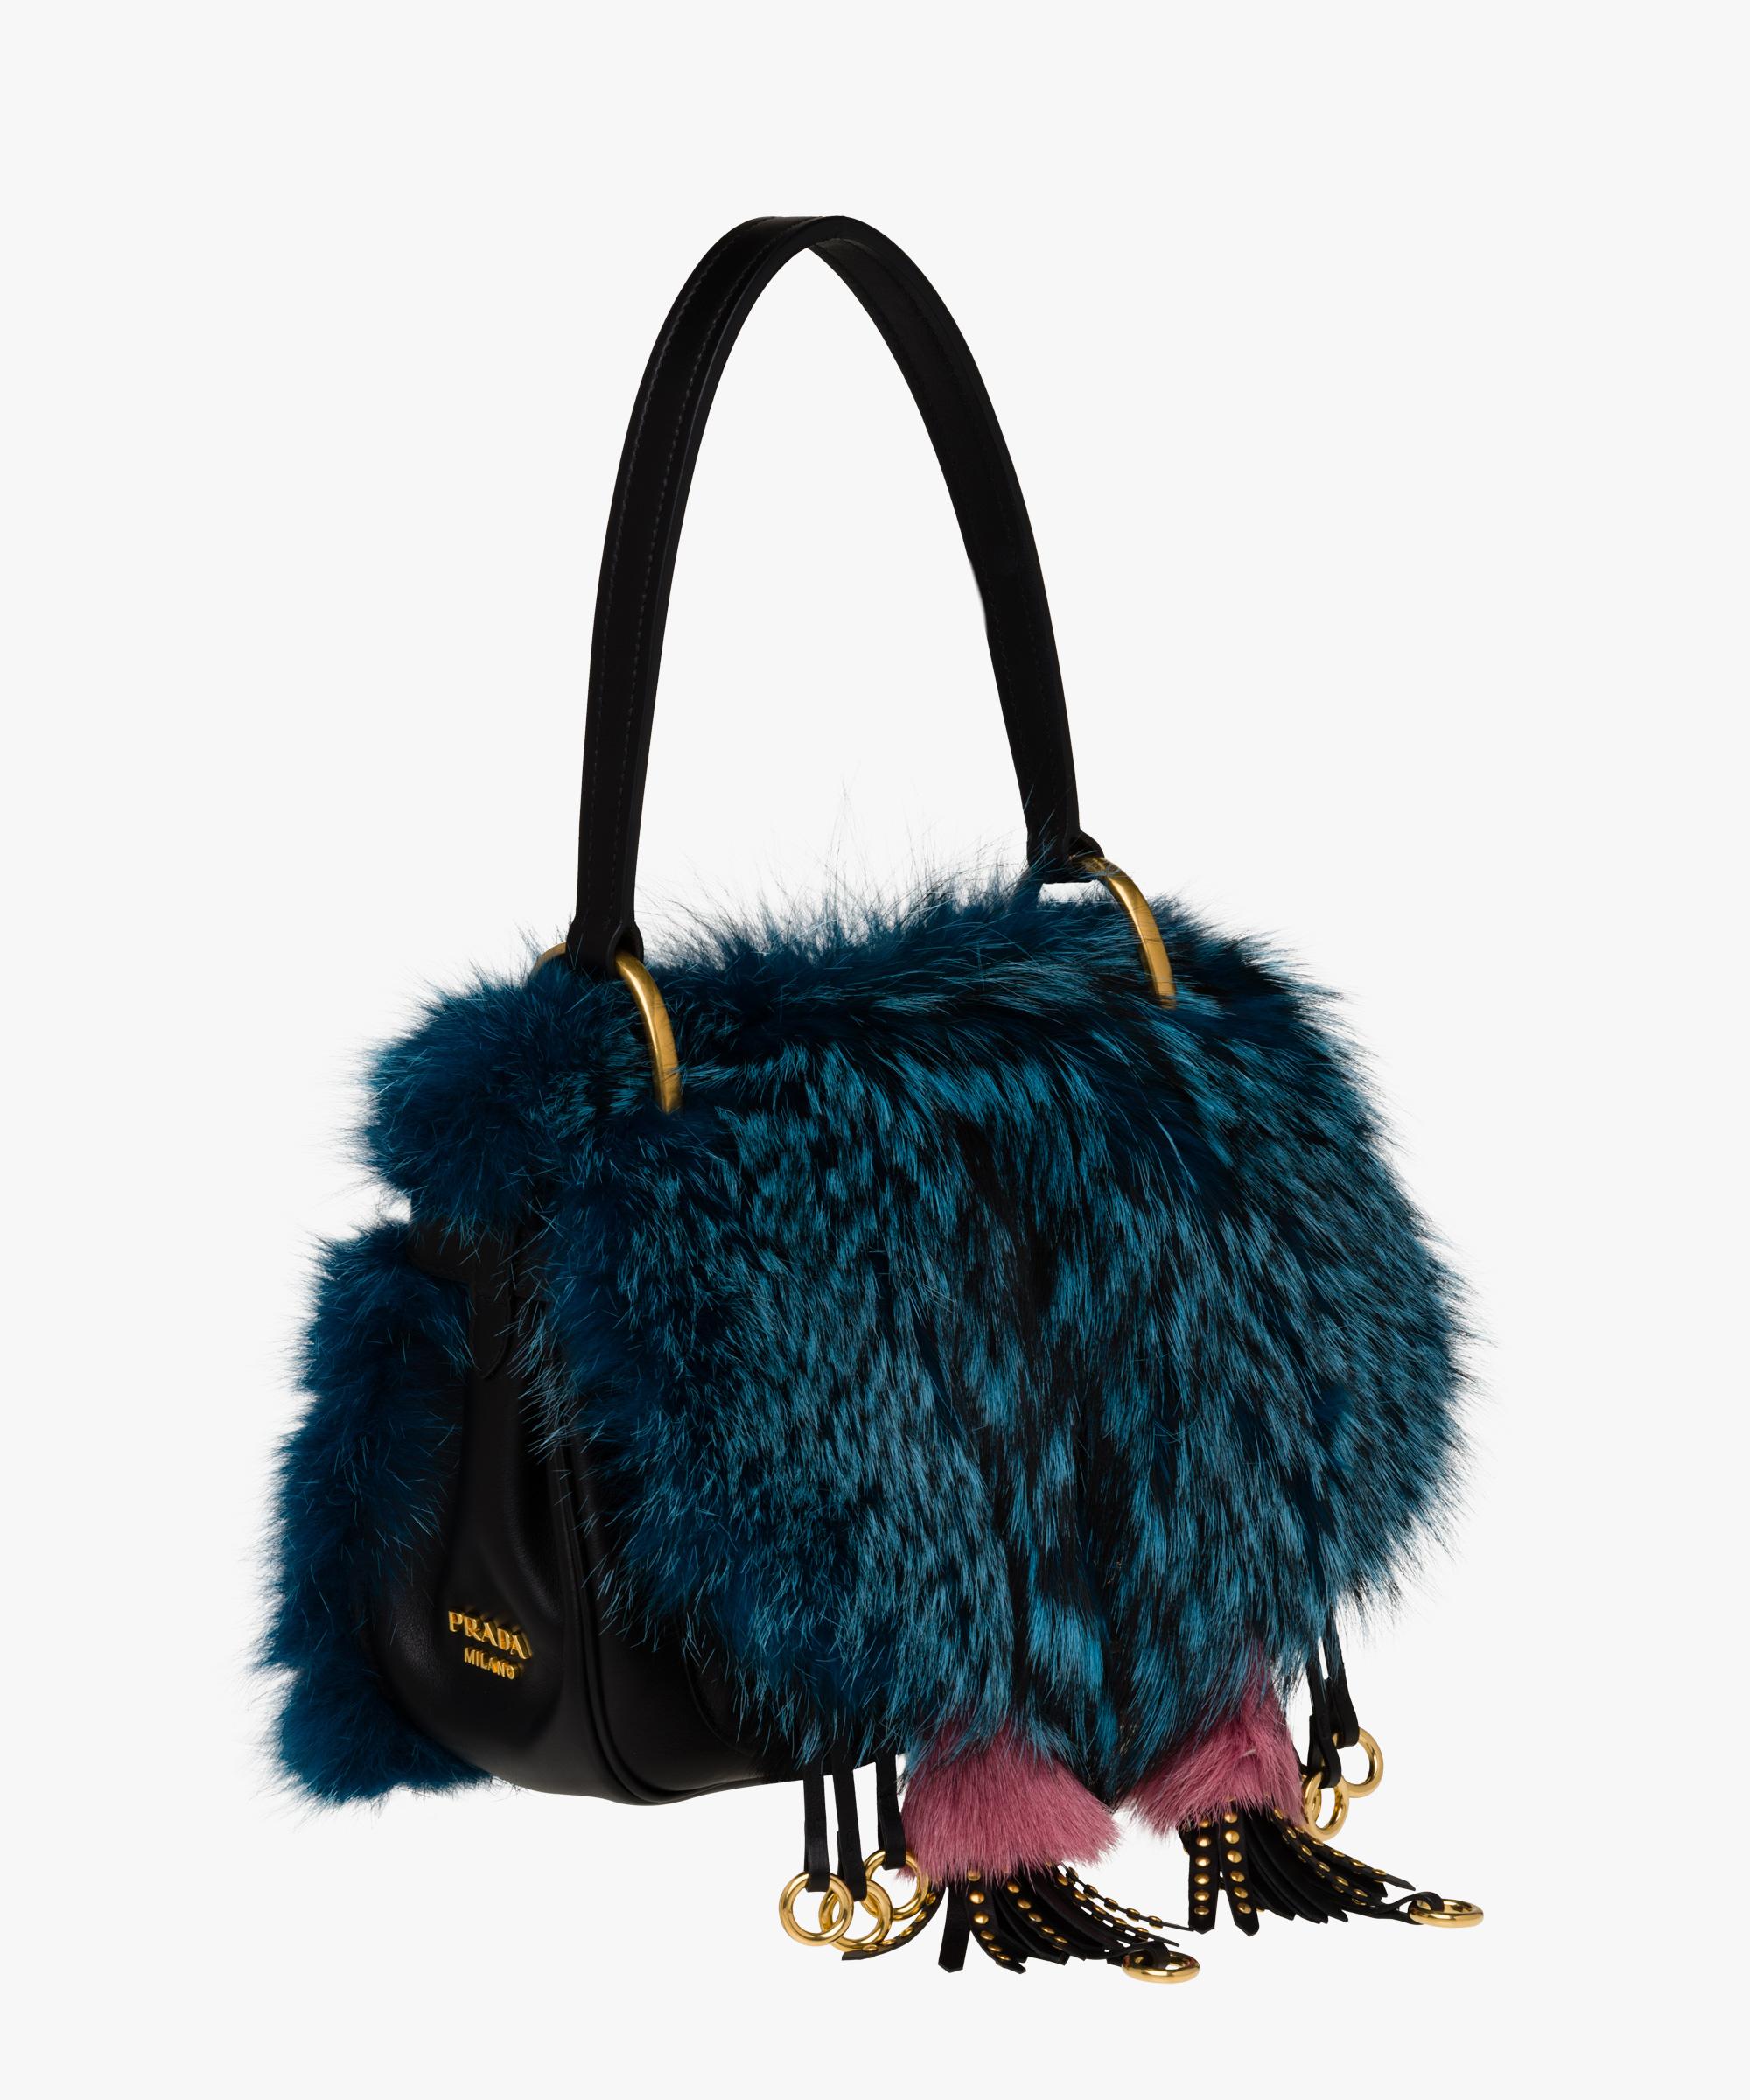 ff6698026726f9 ... Prada Corsaire Bag Prada DARK TEAL/BLACK ...